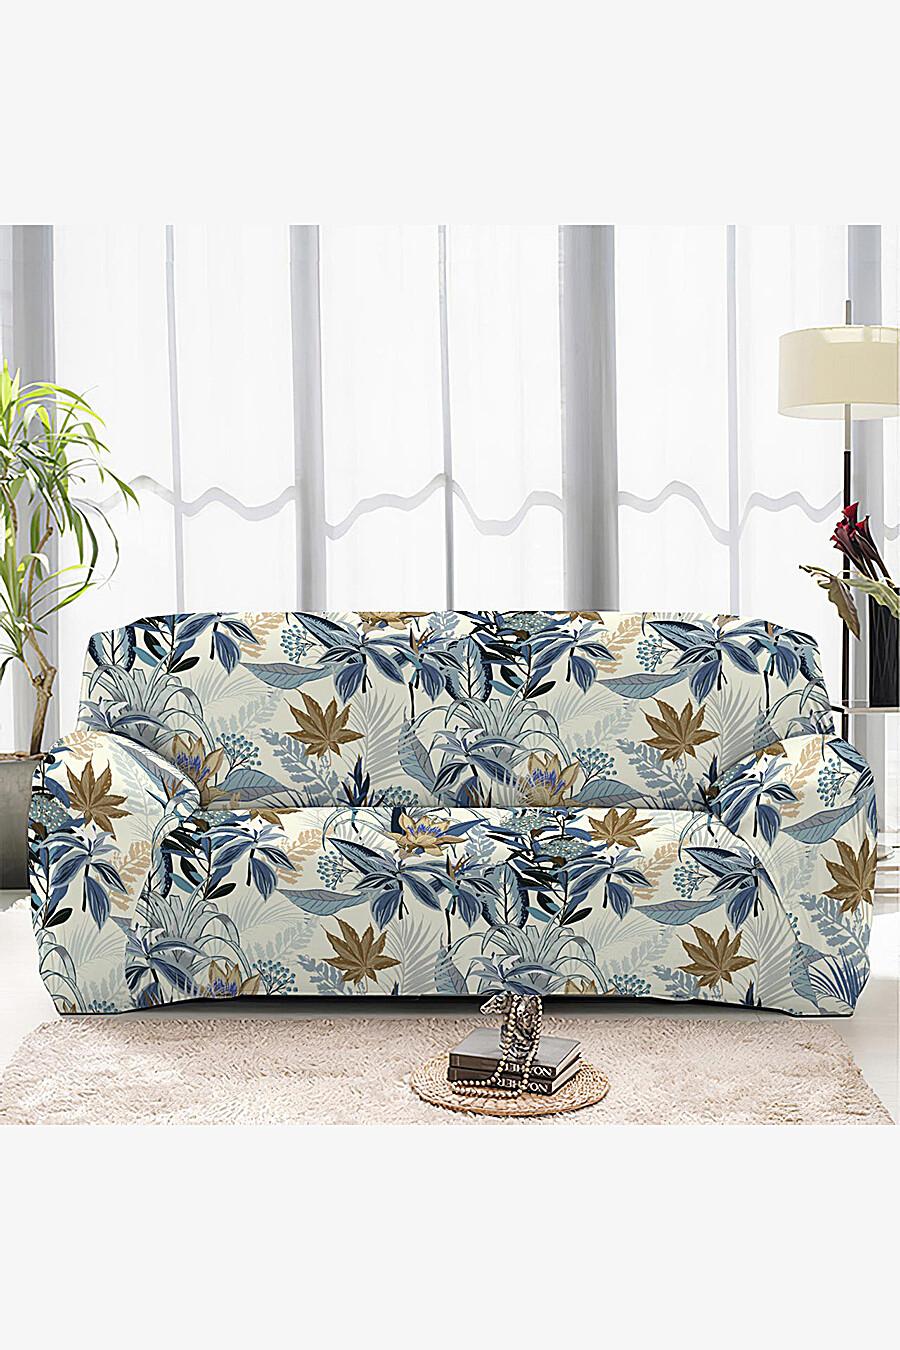 Чехол на диван для дома ART HOME TEXTILE 162781 купить оптом от производителя. Совместная покупка товаров для дома в OptMoyo